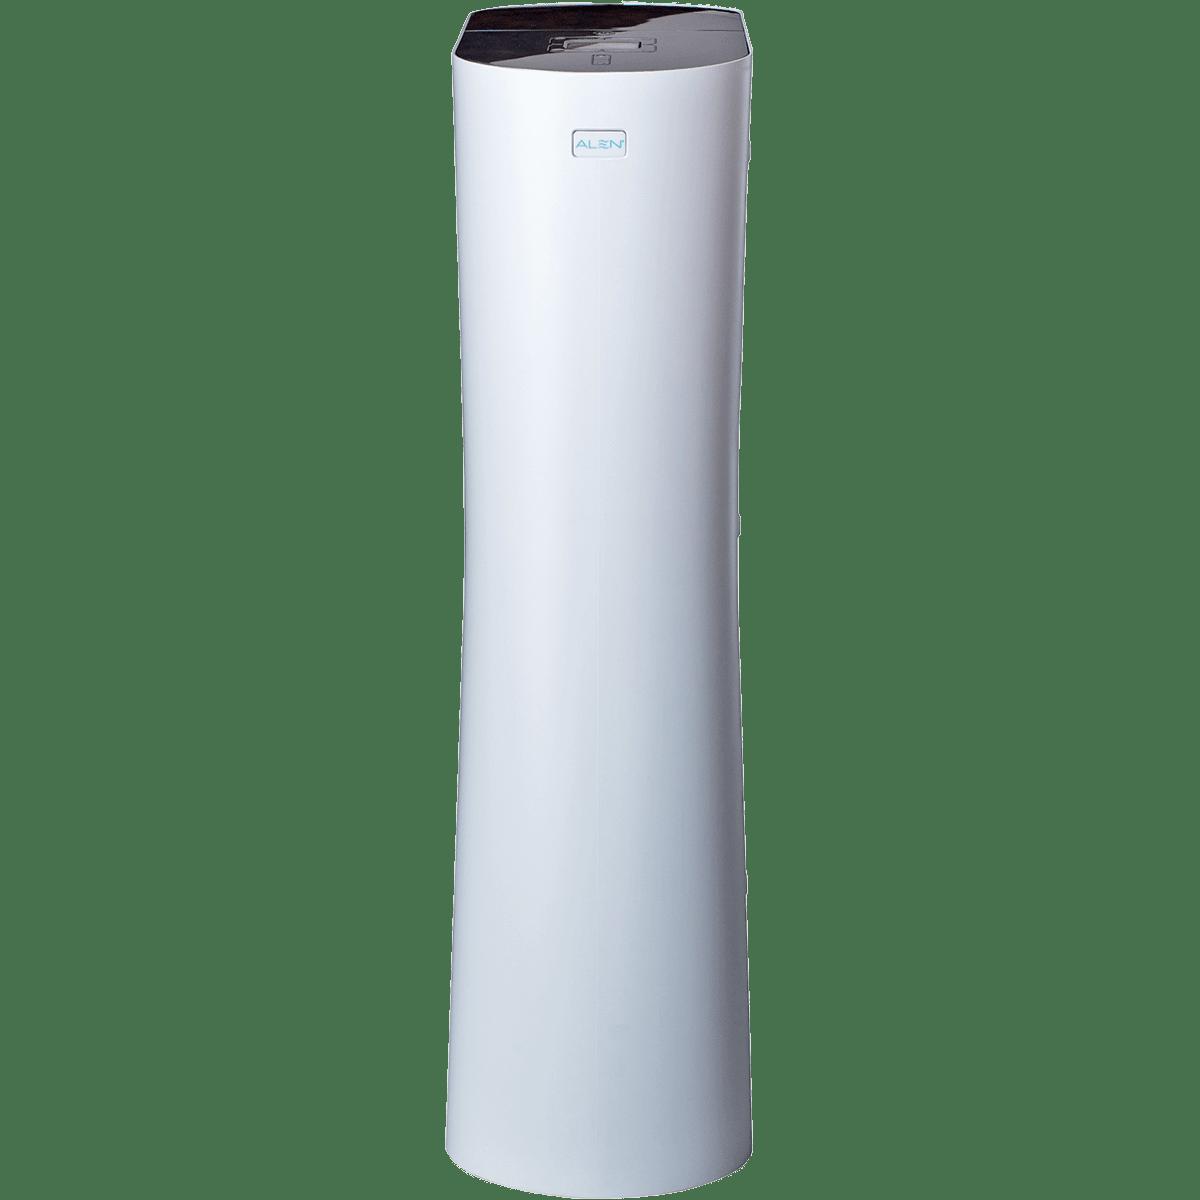 Alen Paralda HEPA Air Purifier al1278